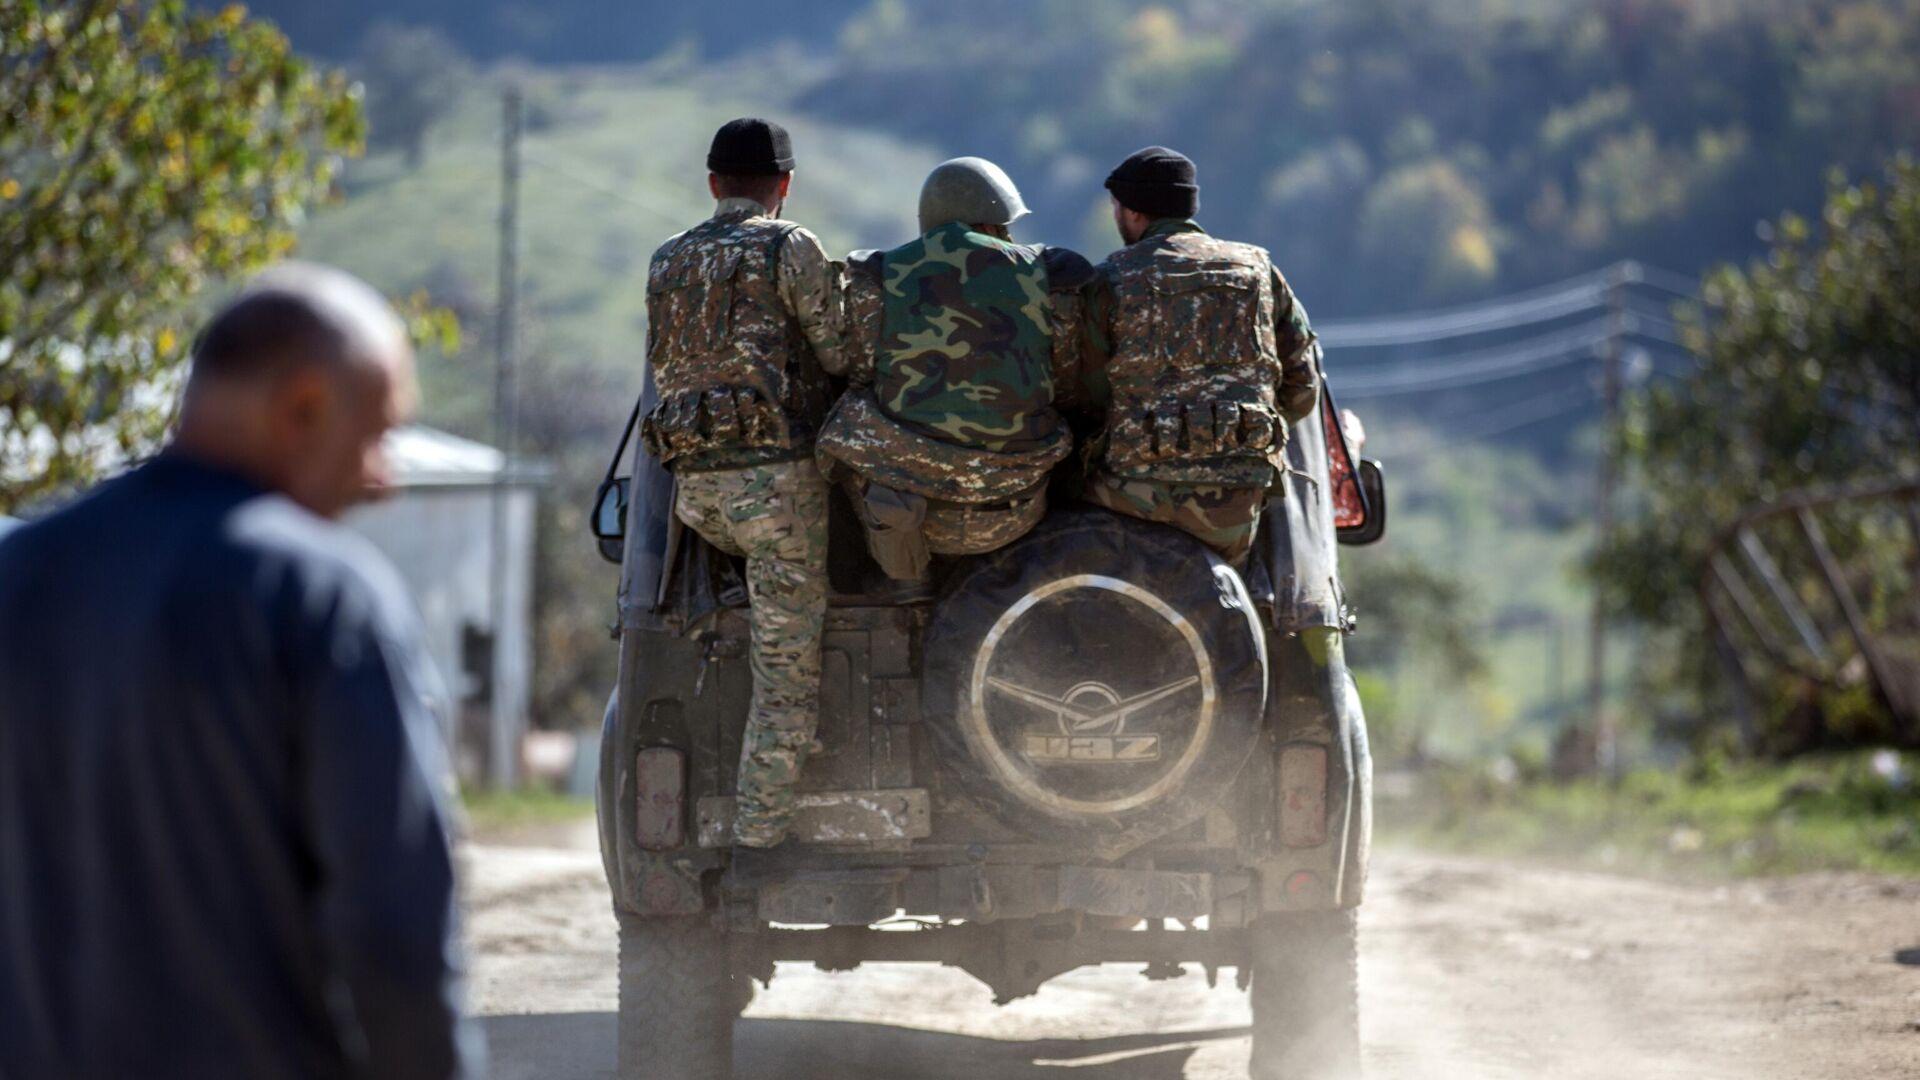 Вооруженные мужчины в селе Чанахчи в Нагорном Карабахе - РИА Новости, 1920, 27.10.2020